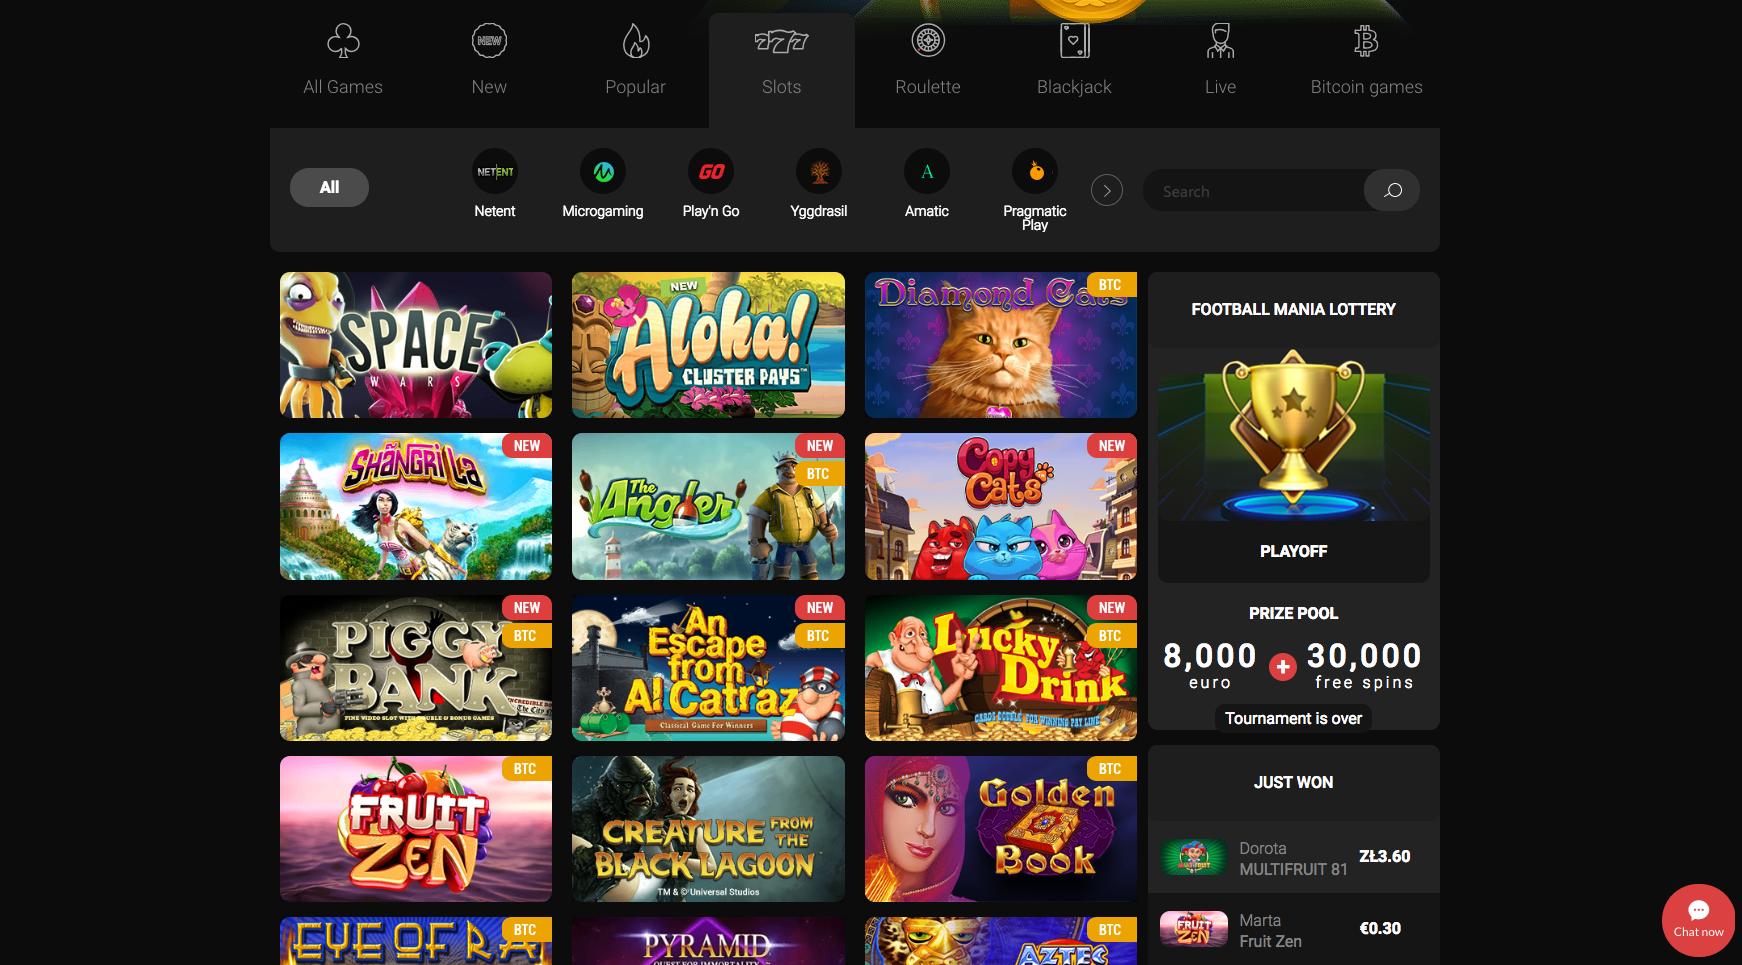 Betchan Casino ja sen suuri pelivalikoima viihdyttävät pelaajia pitkään